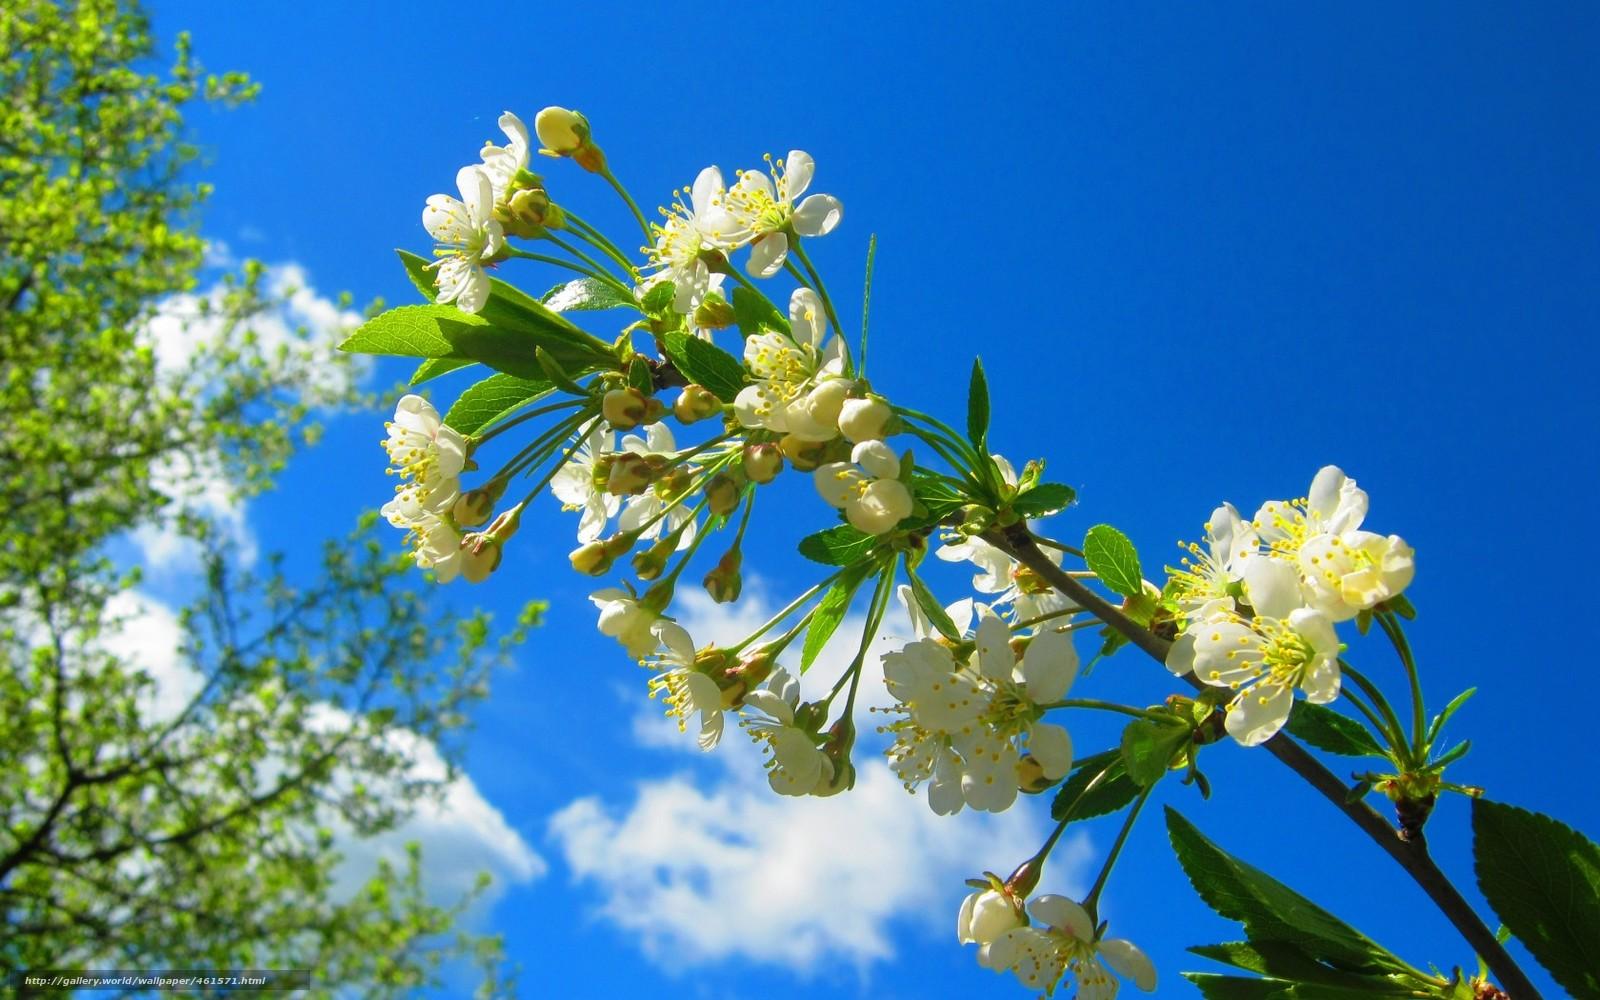 Scaricare gli sfondi primavera ramo ciliegia fiorire for Sfondi desktop gratis primavera